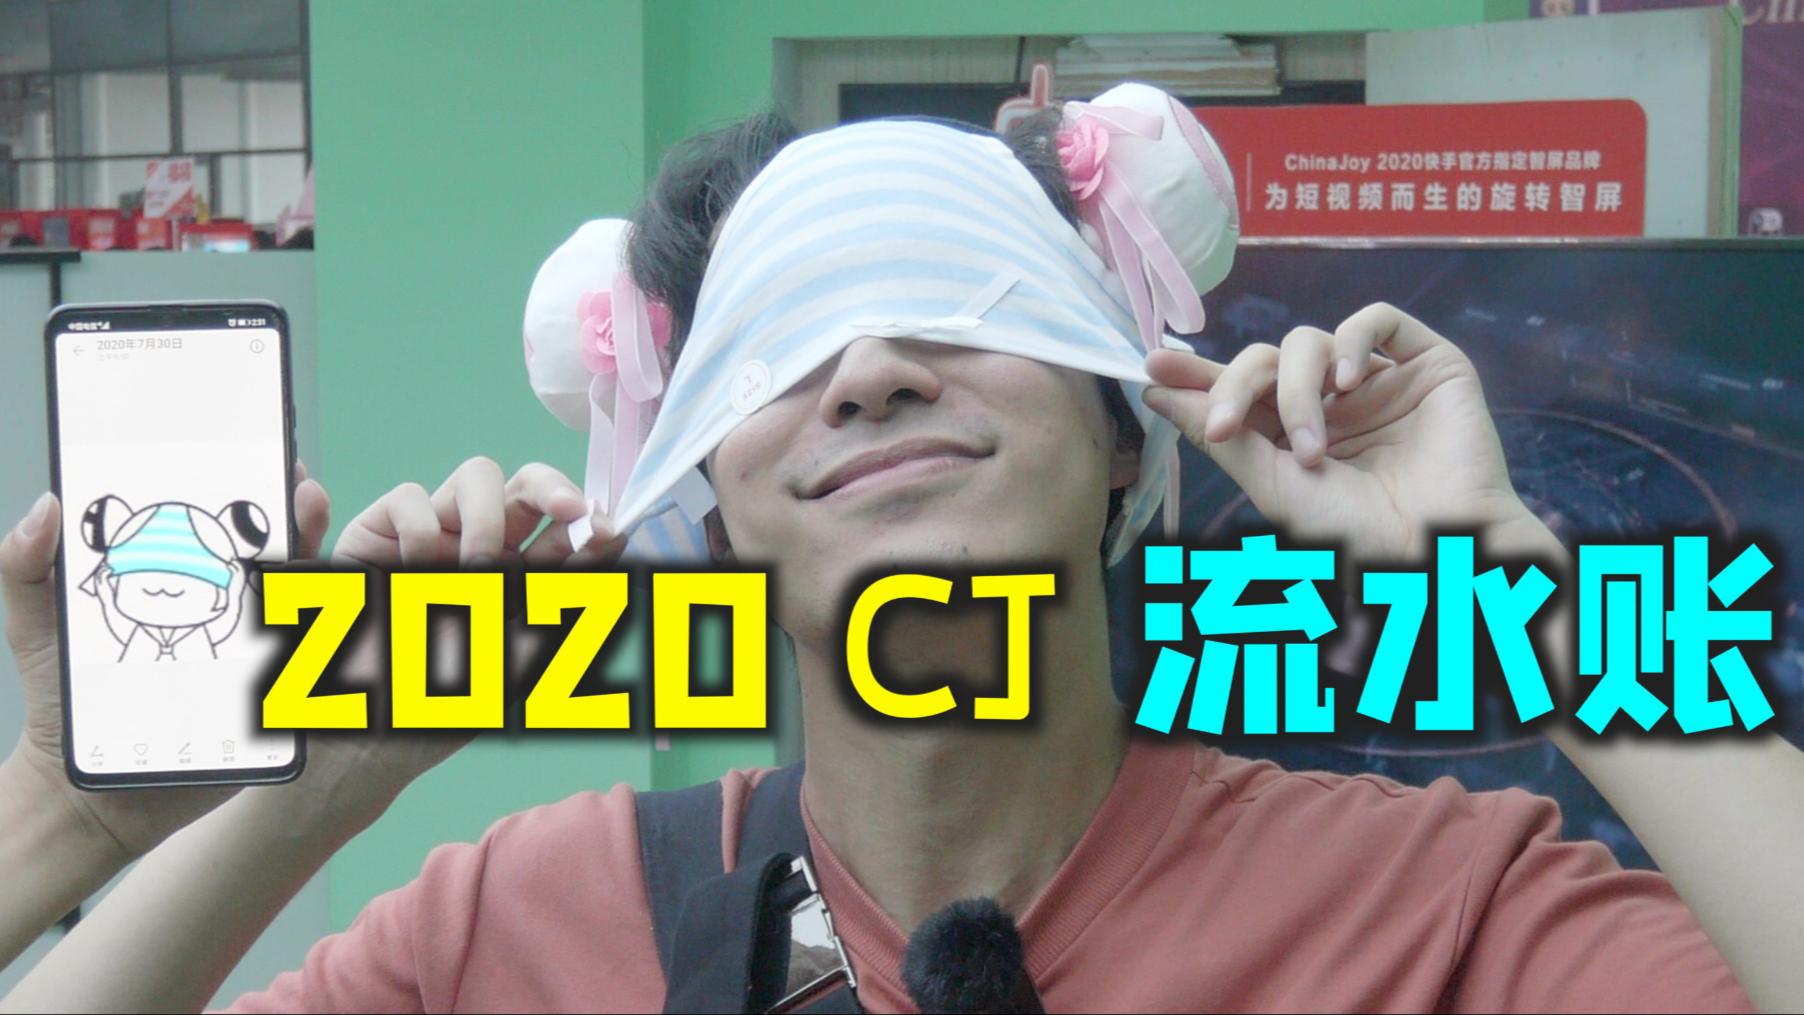 【乃log】今年的CJ真是太精彩啦!